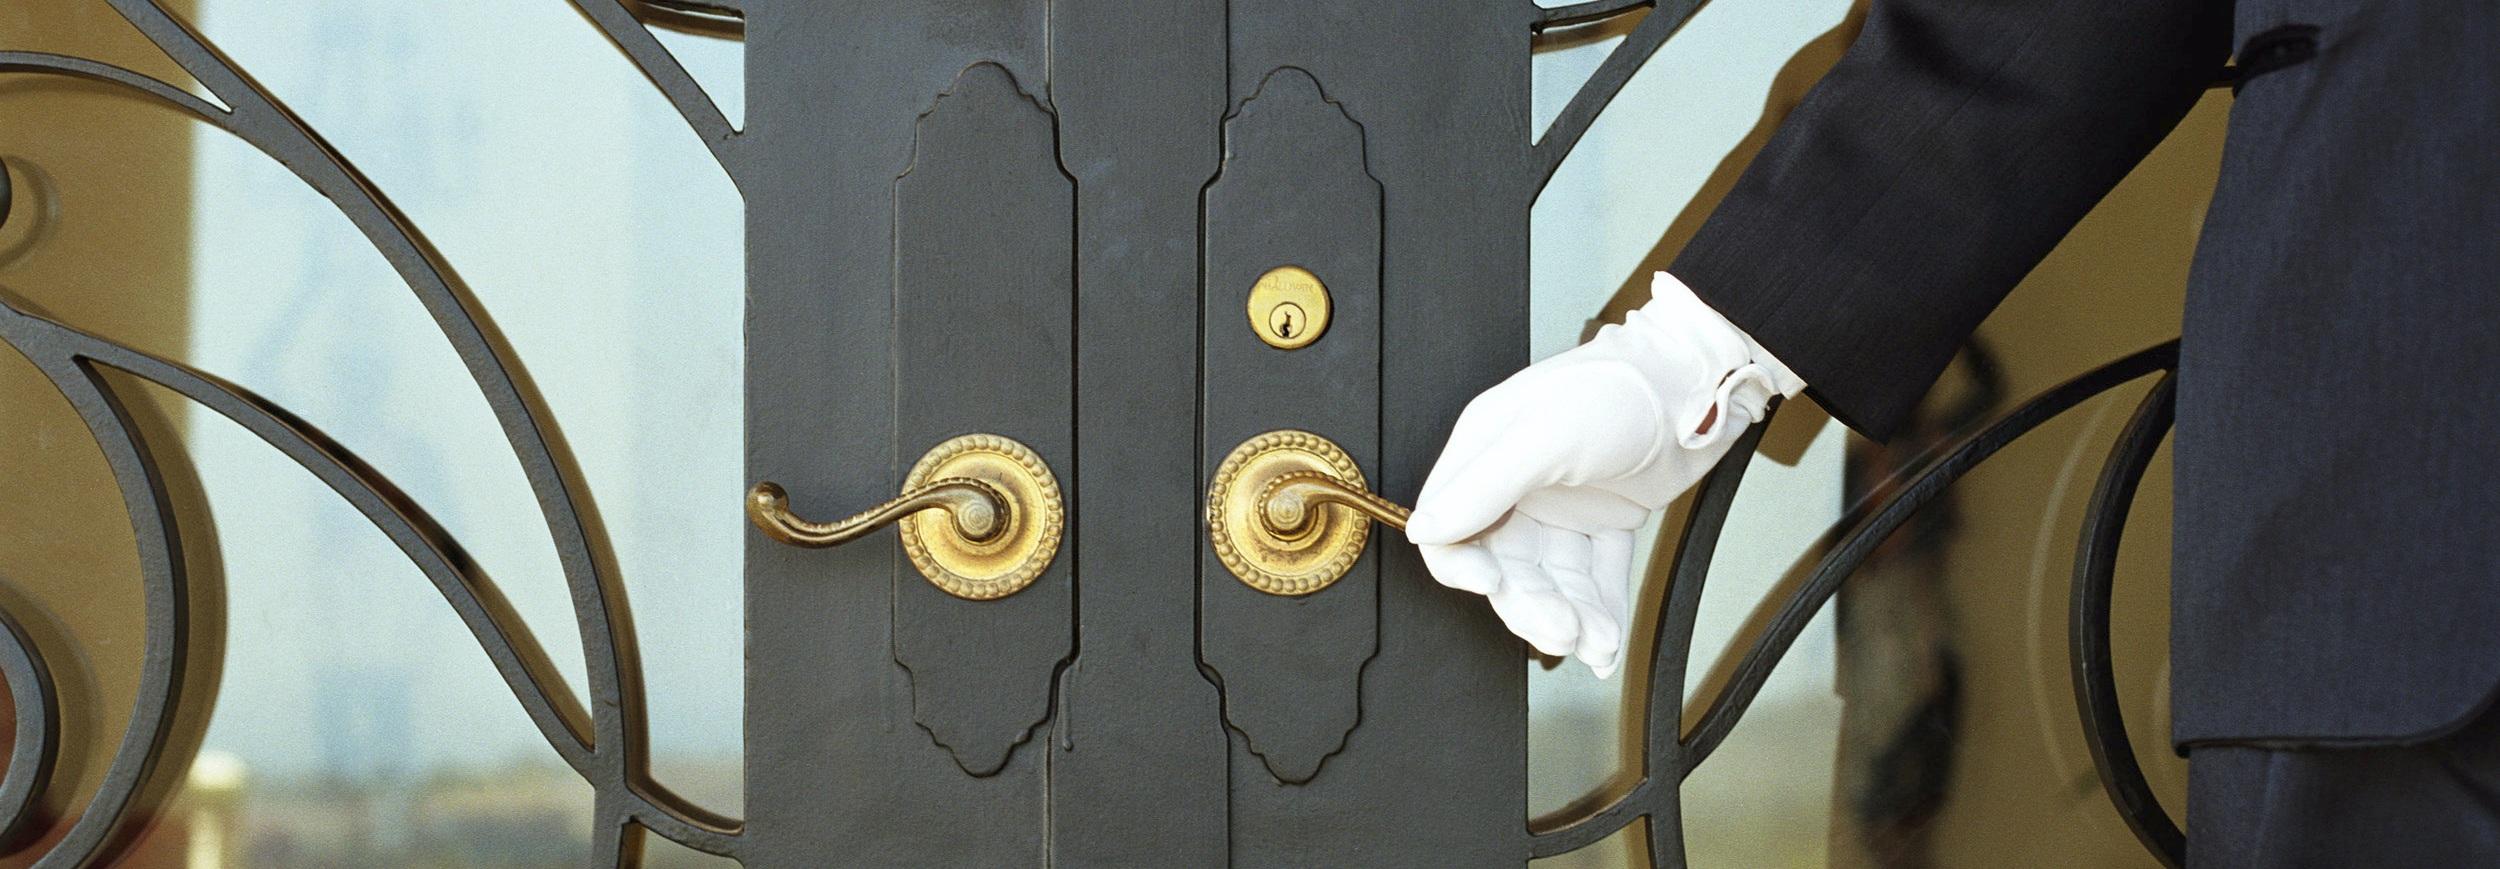 hotel+doors.jpg